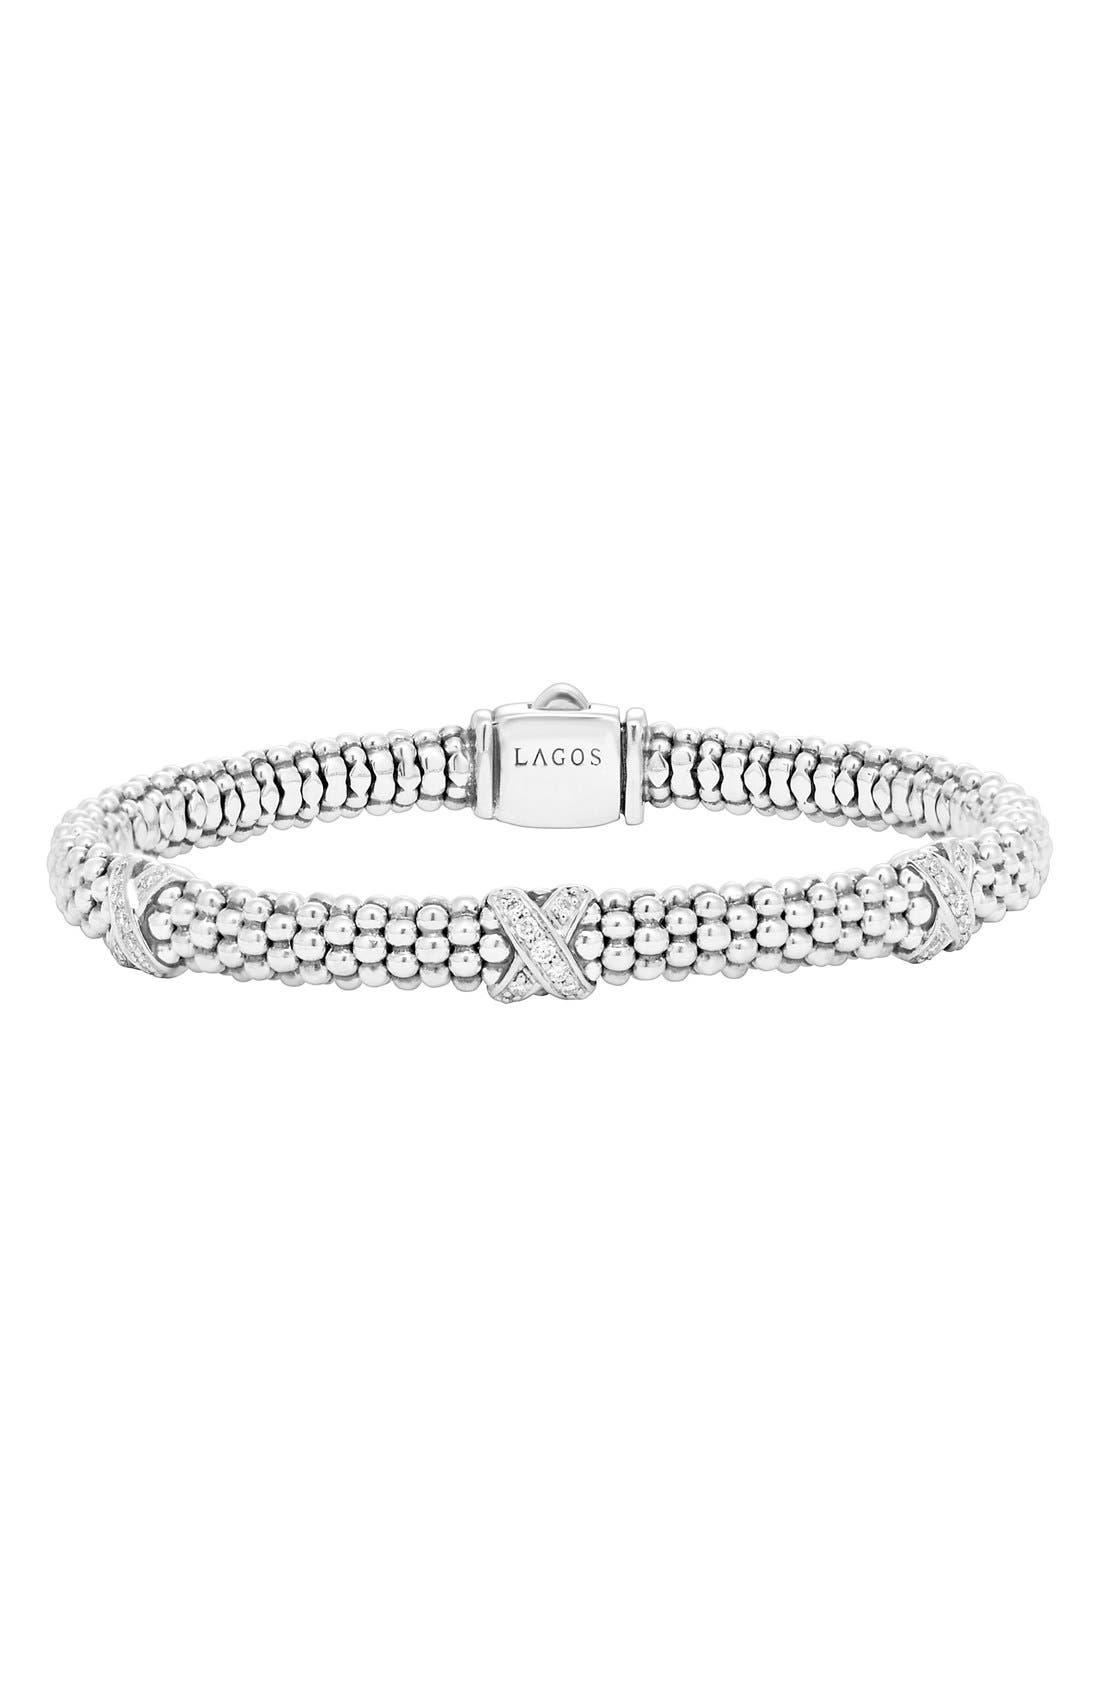 LAGOS Signature Caviar' Diamond Rope Bracelet